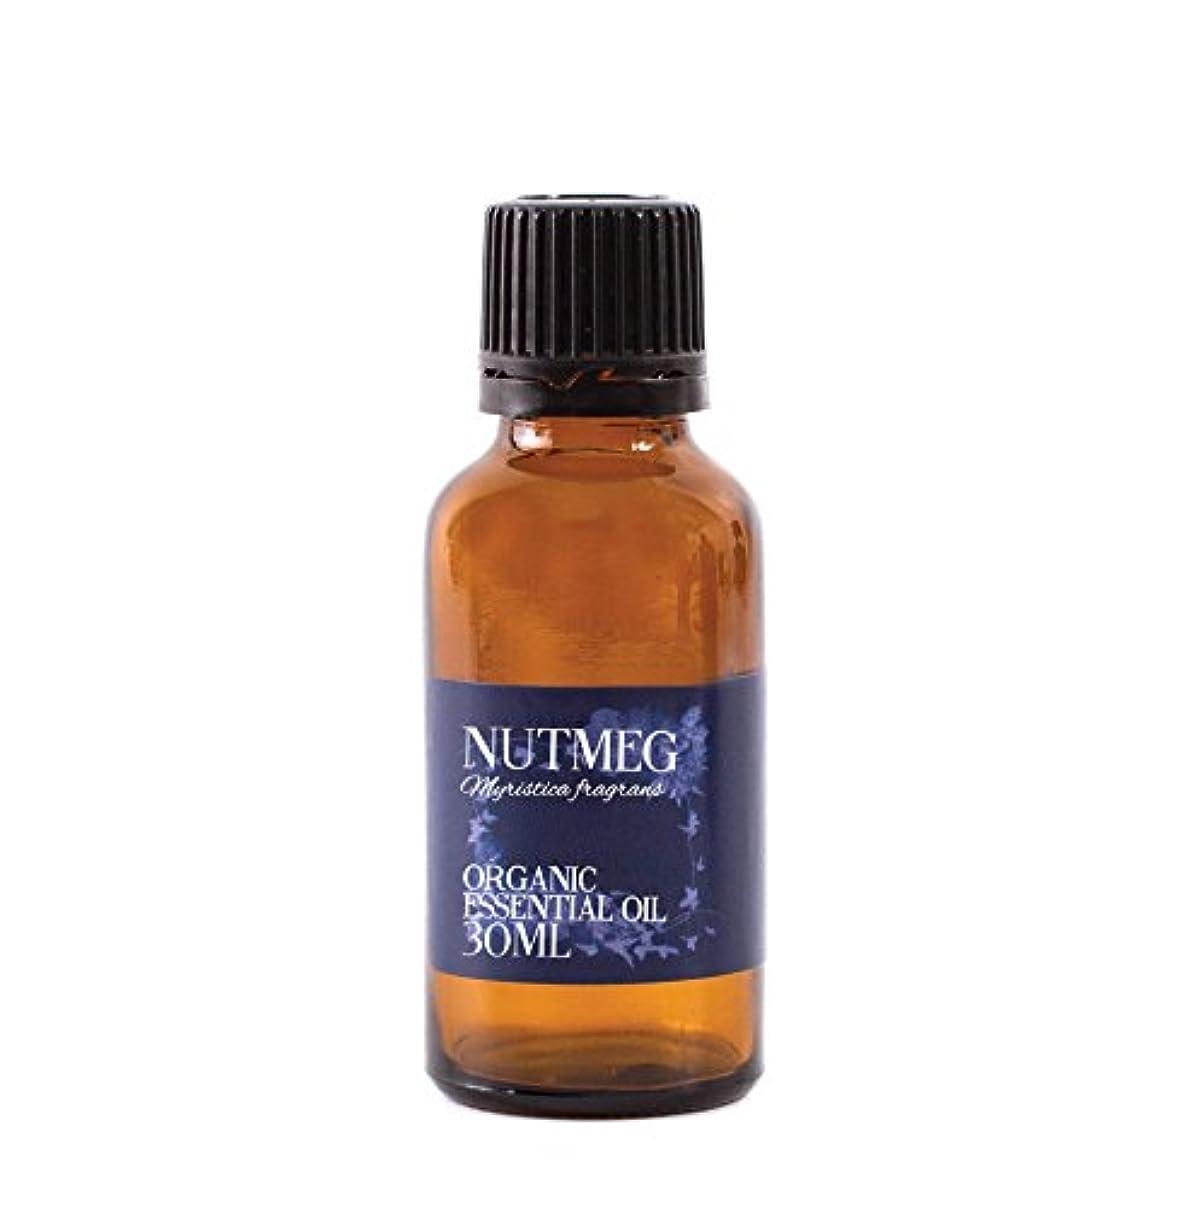 見出し苛性暴露Nutmeg Organic Essential Oil - 30ml - 100% Pure